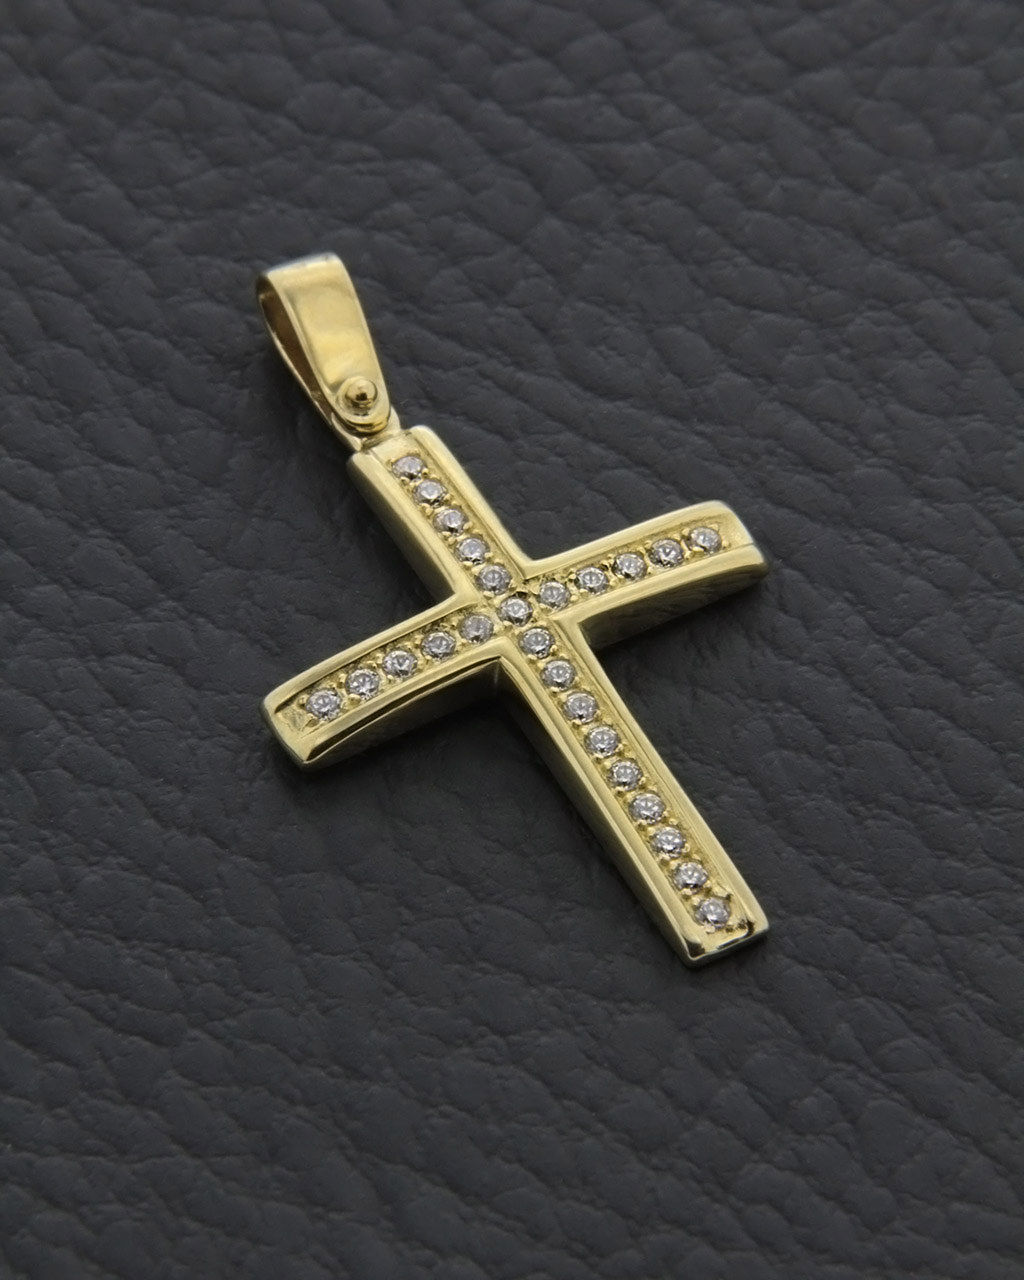 Σταυρός χρυσός Κ9 με Ζιργκόν   κοσμηματα σταυροί σταυροί χρυσοί